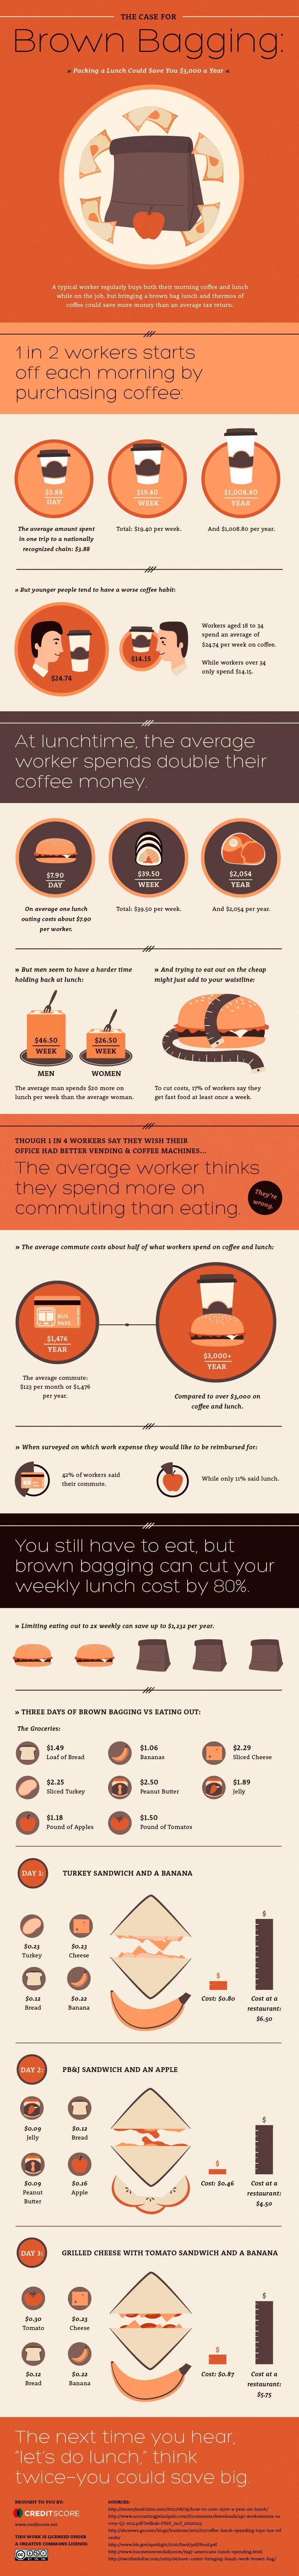 Budgeting Basics: Brown Bagging It to Save Money